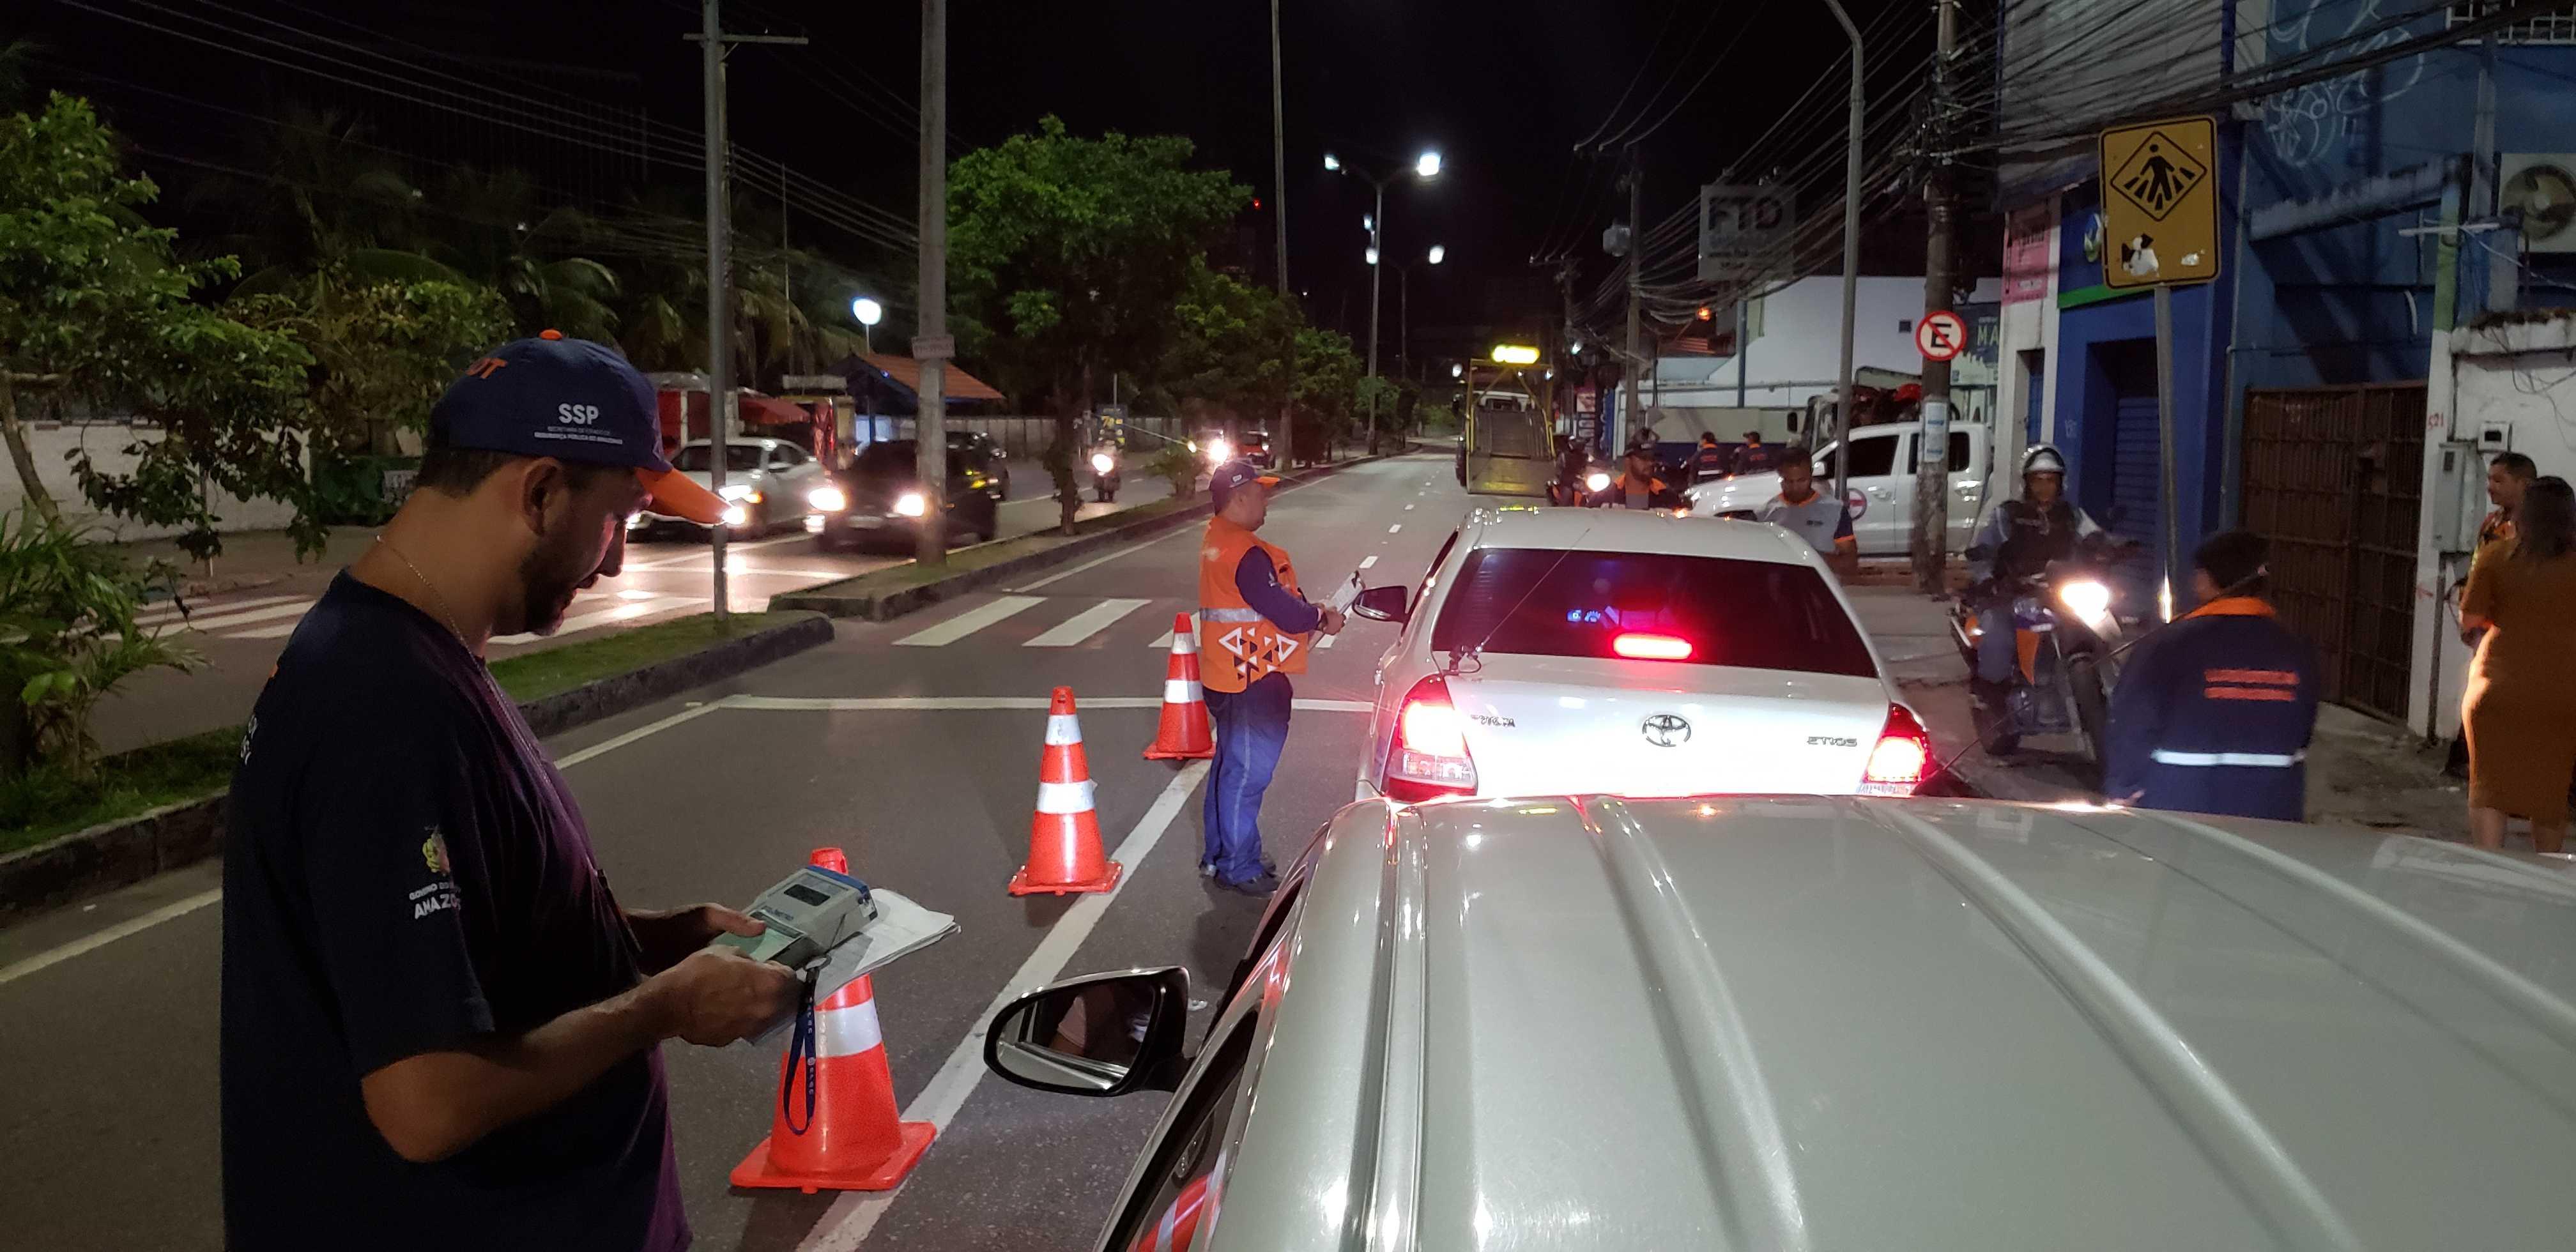 Fotos: Paulo Bahia/Detran-AM